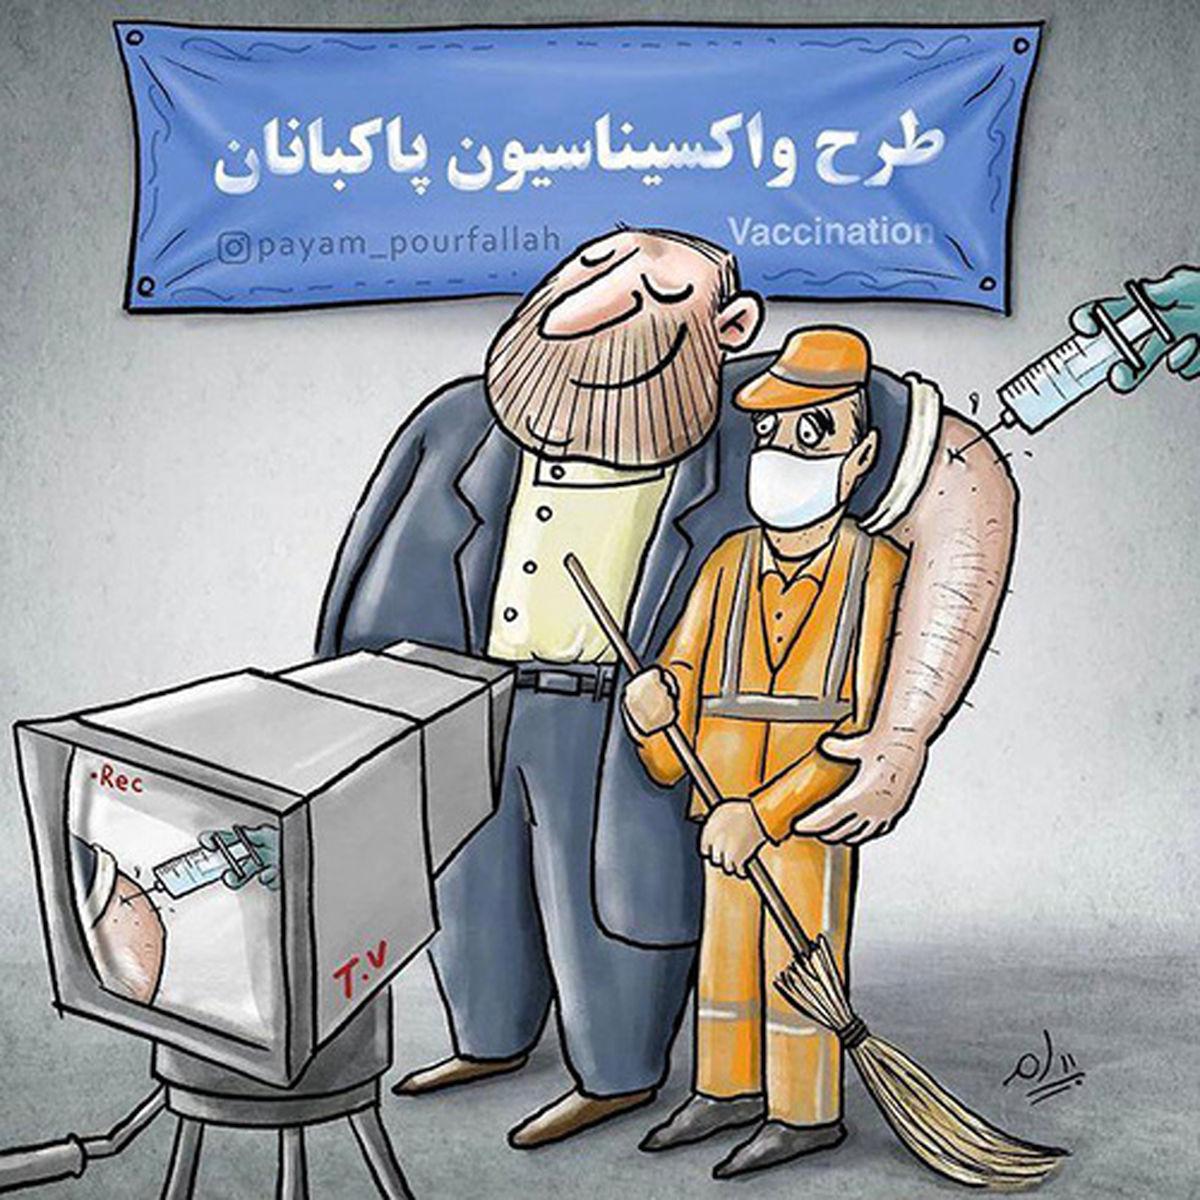 واکسن کرونا به نام پاکبانان به کام مدیران+کاریکاتور